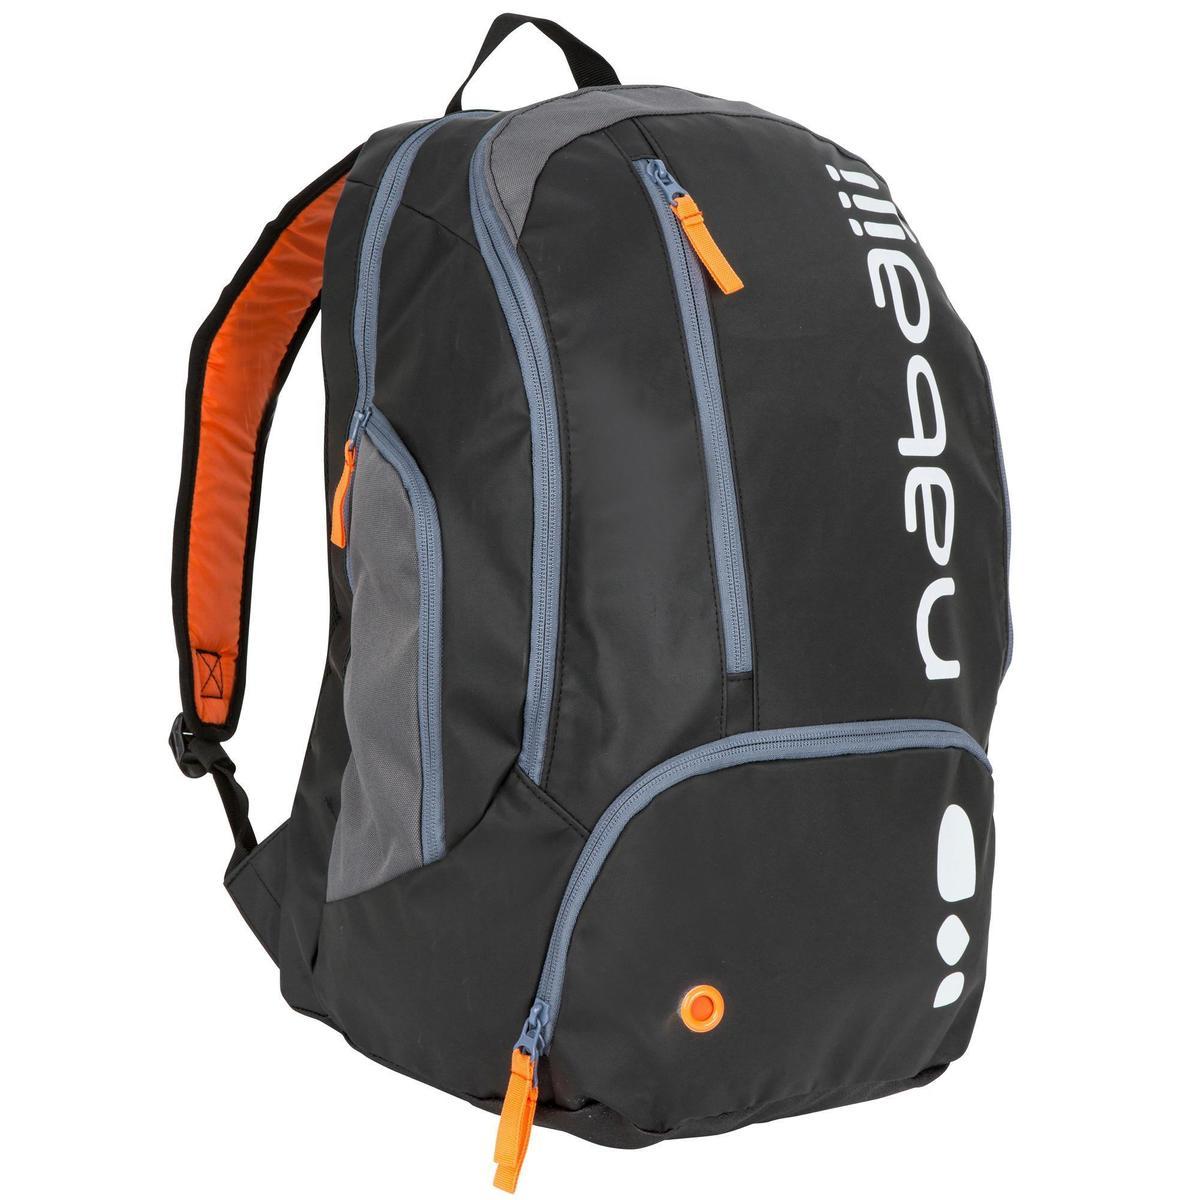 Bild 1 von Schwimmrucksack 34 L schwarz/orange